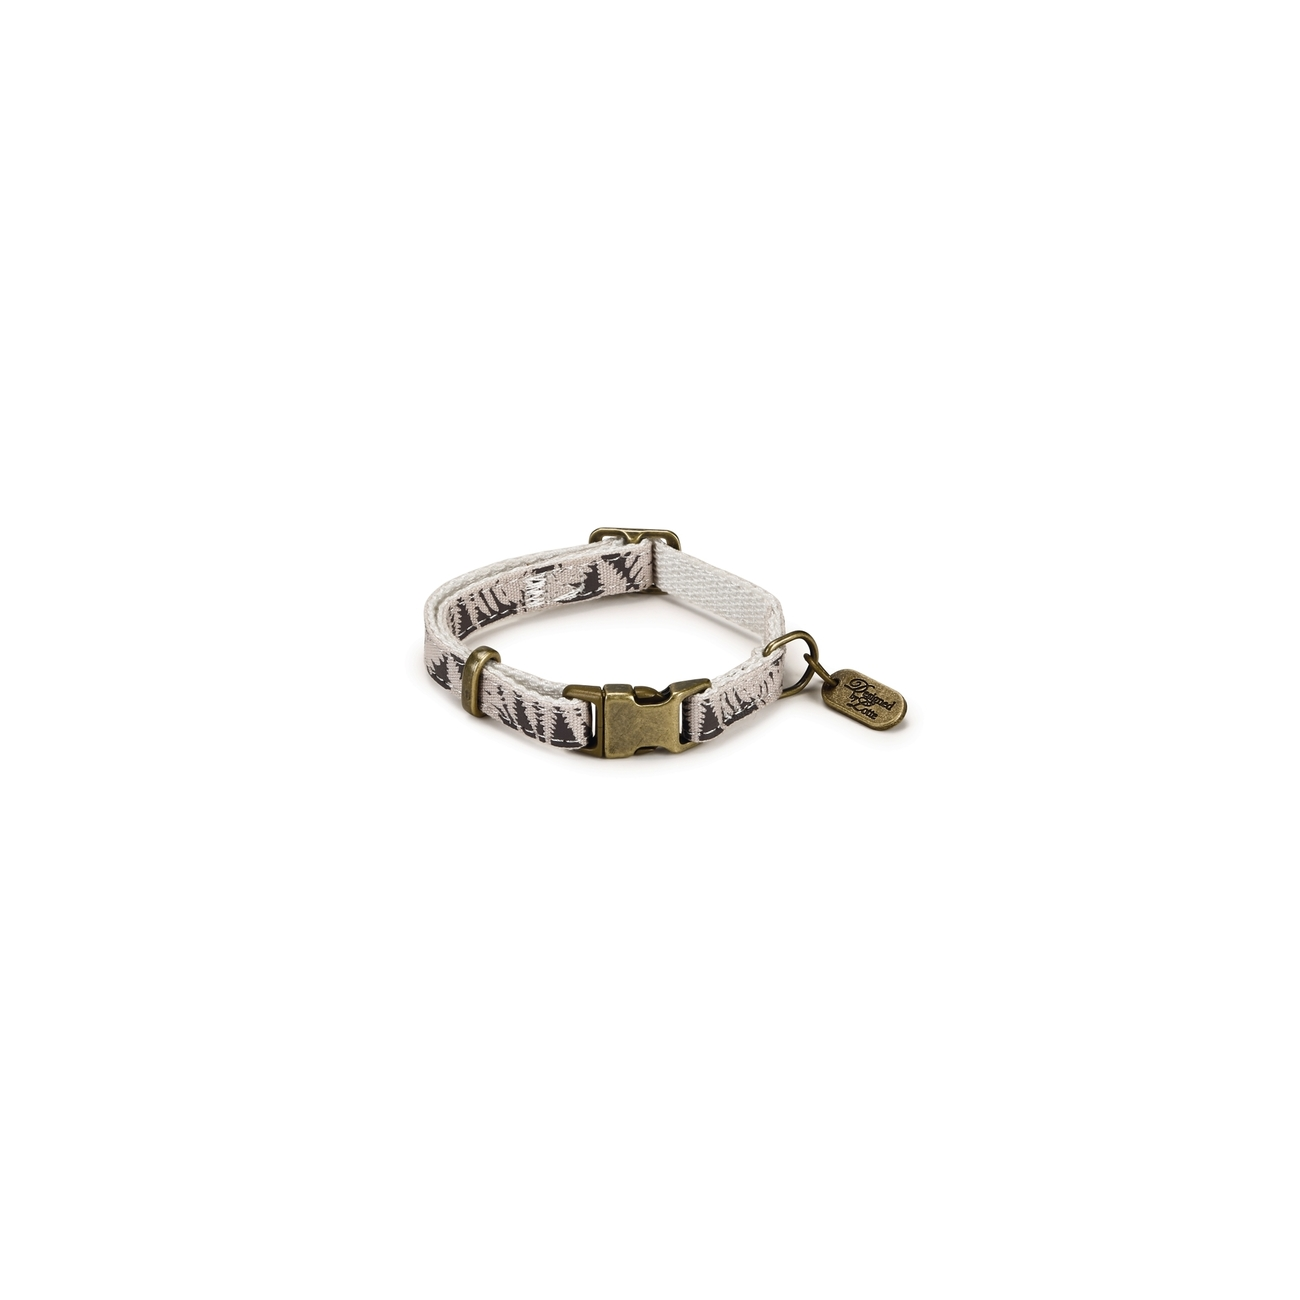 Designed By Lotte - Oribo Halsband oder Leine aus Nylon, Bild 3